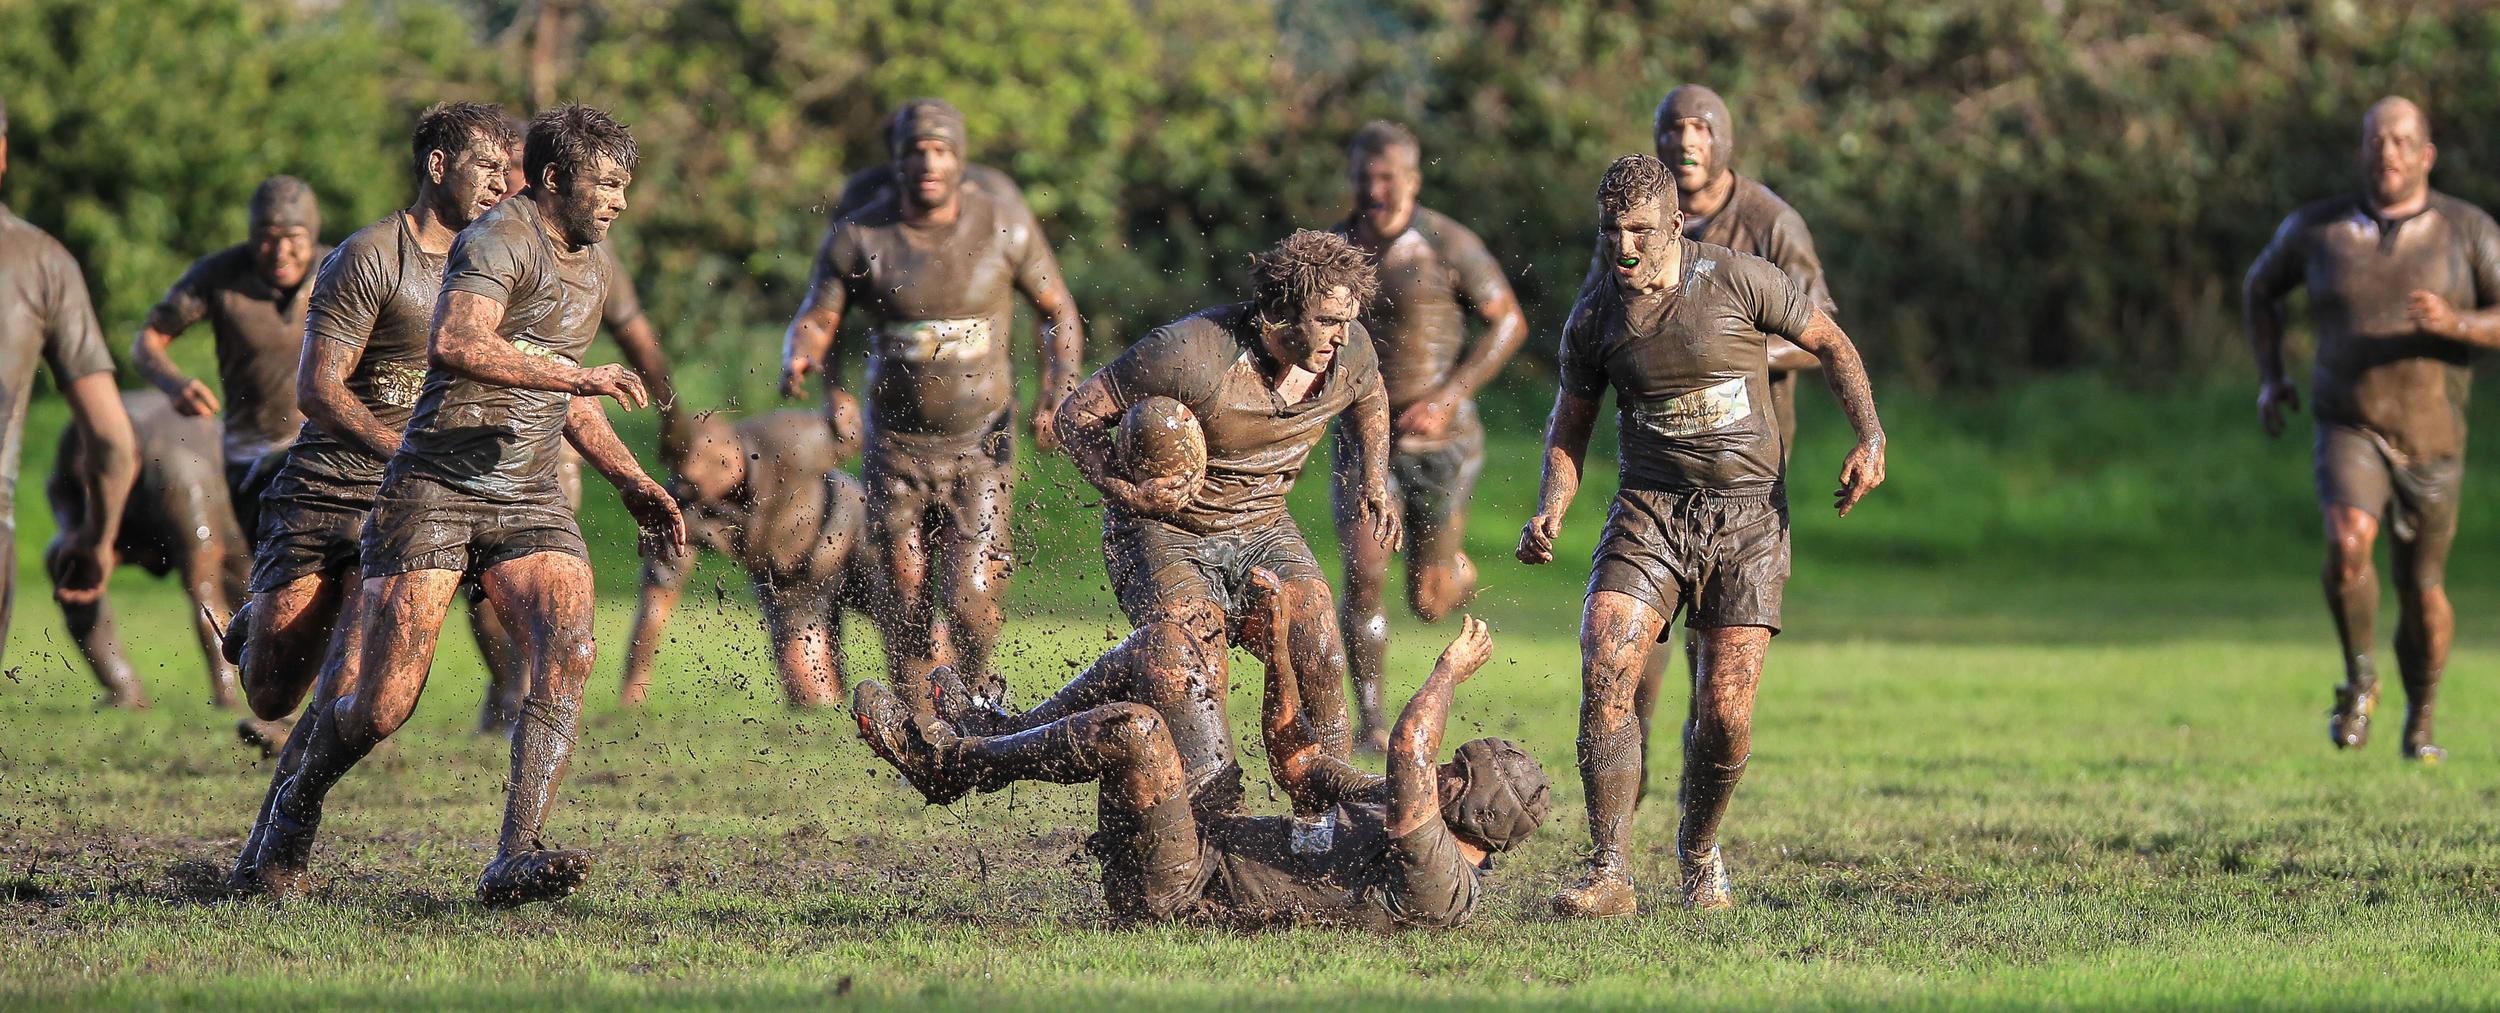 GRFC's Jason Batiste in a mud bath...